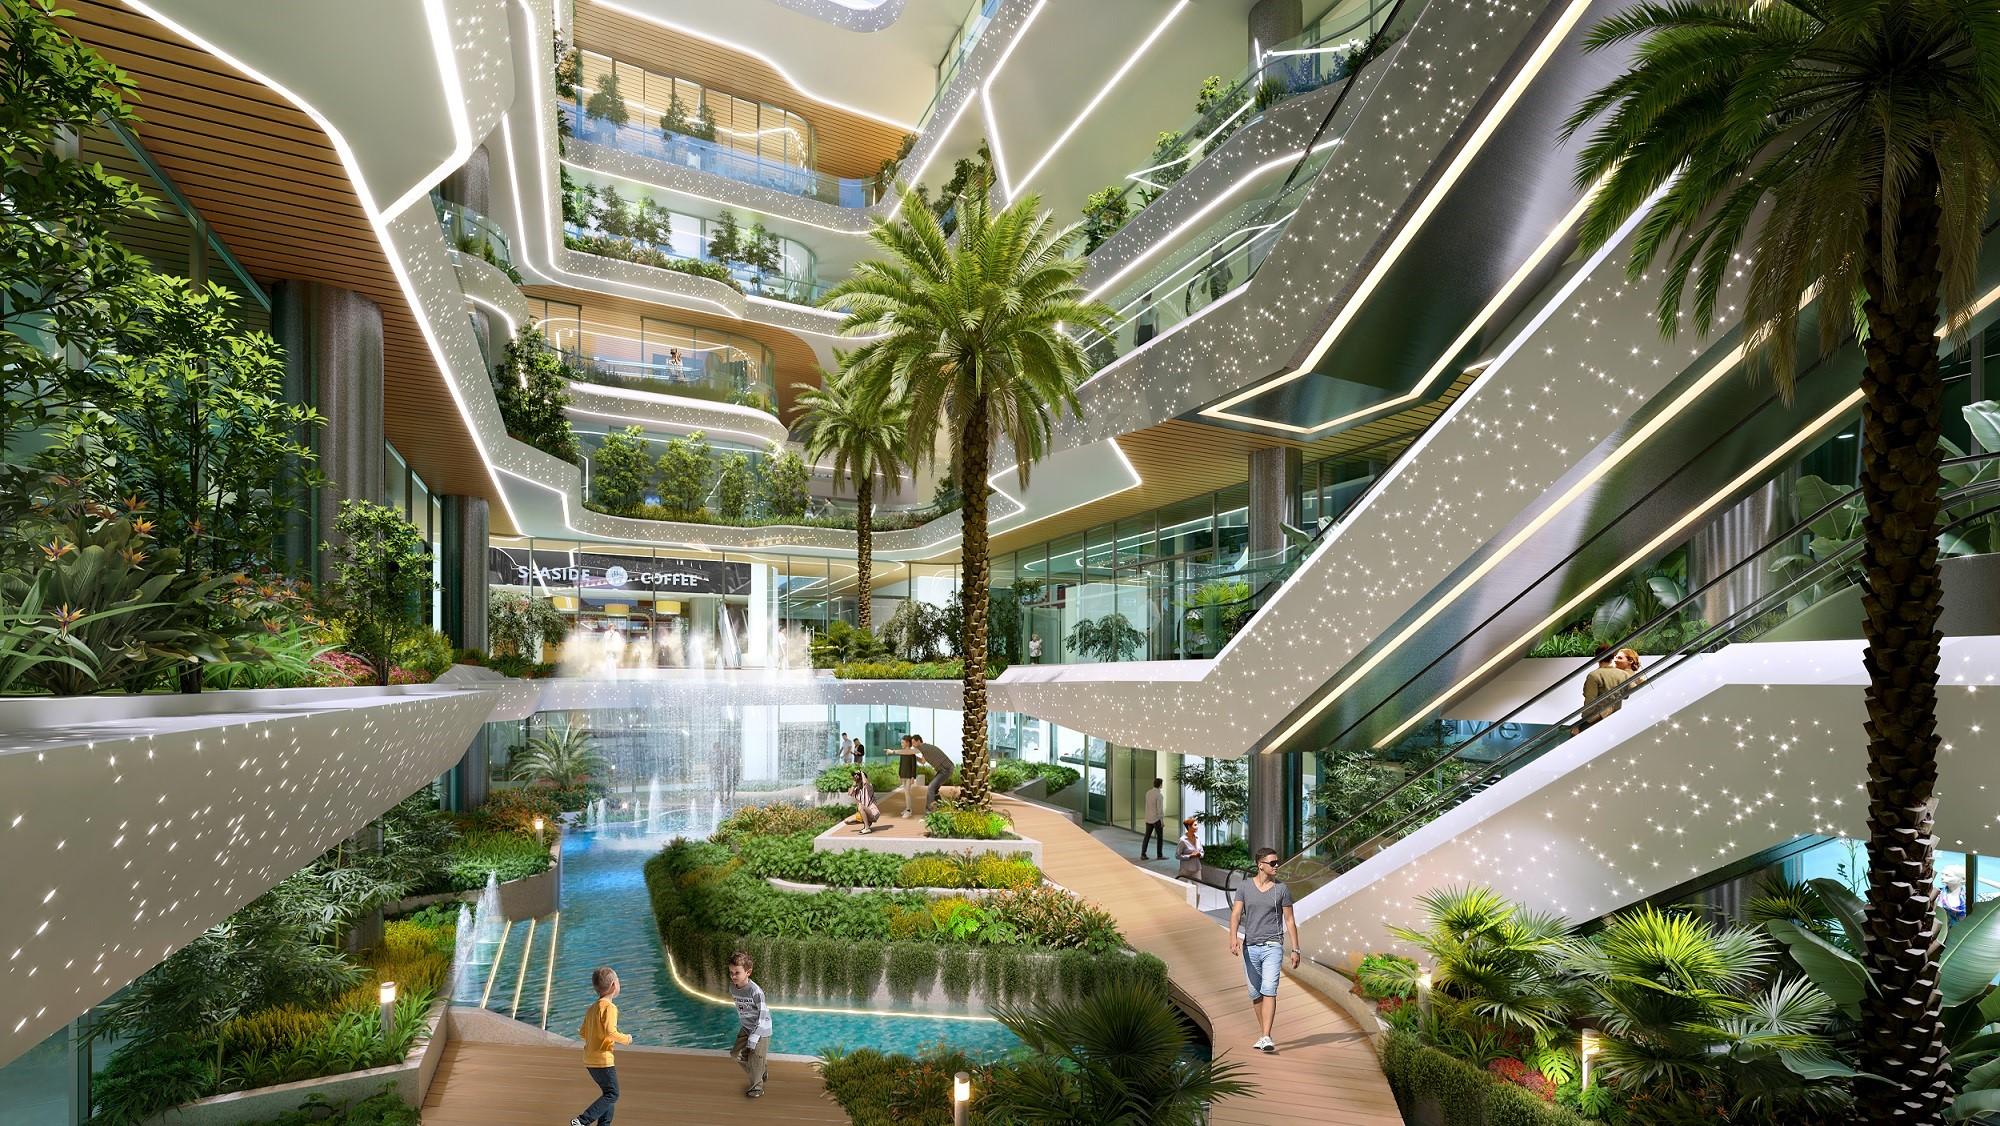 King Crown Infinity mang tới không gian an cư đẳng cấp mới cho giới thượng lưu thành phố Thủ Đức. Ảnh phối cảnh: BCG Land.